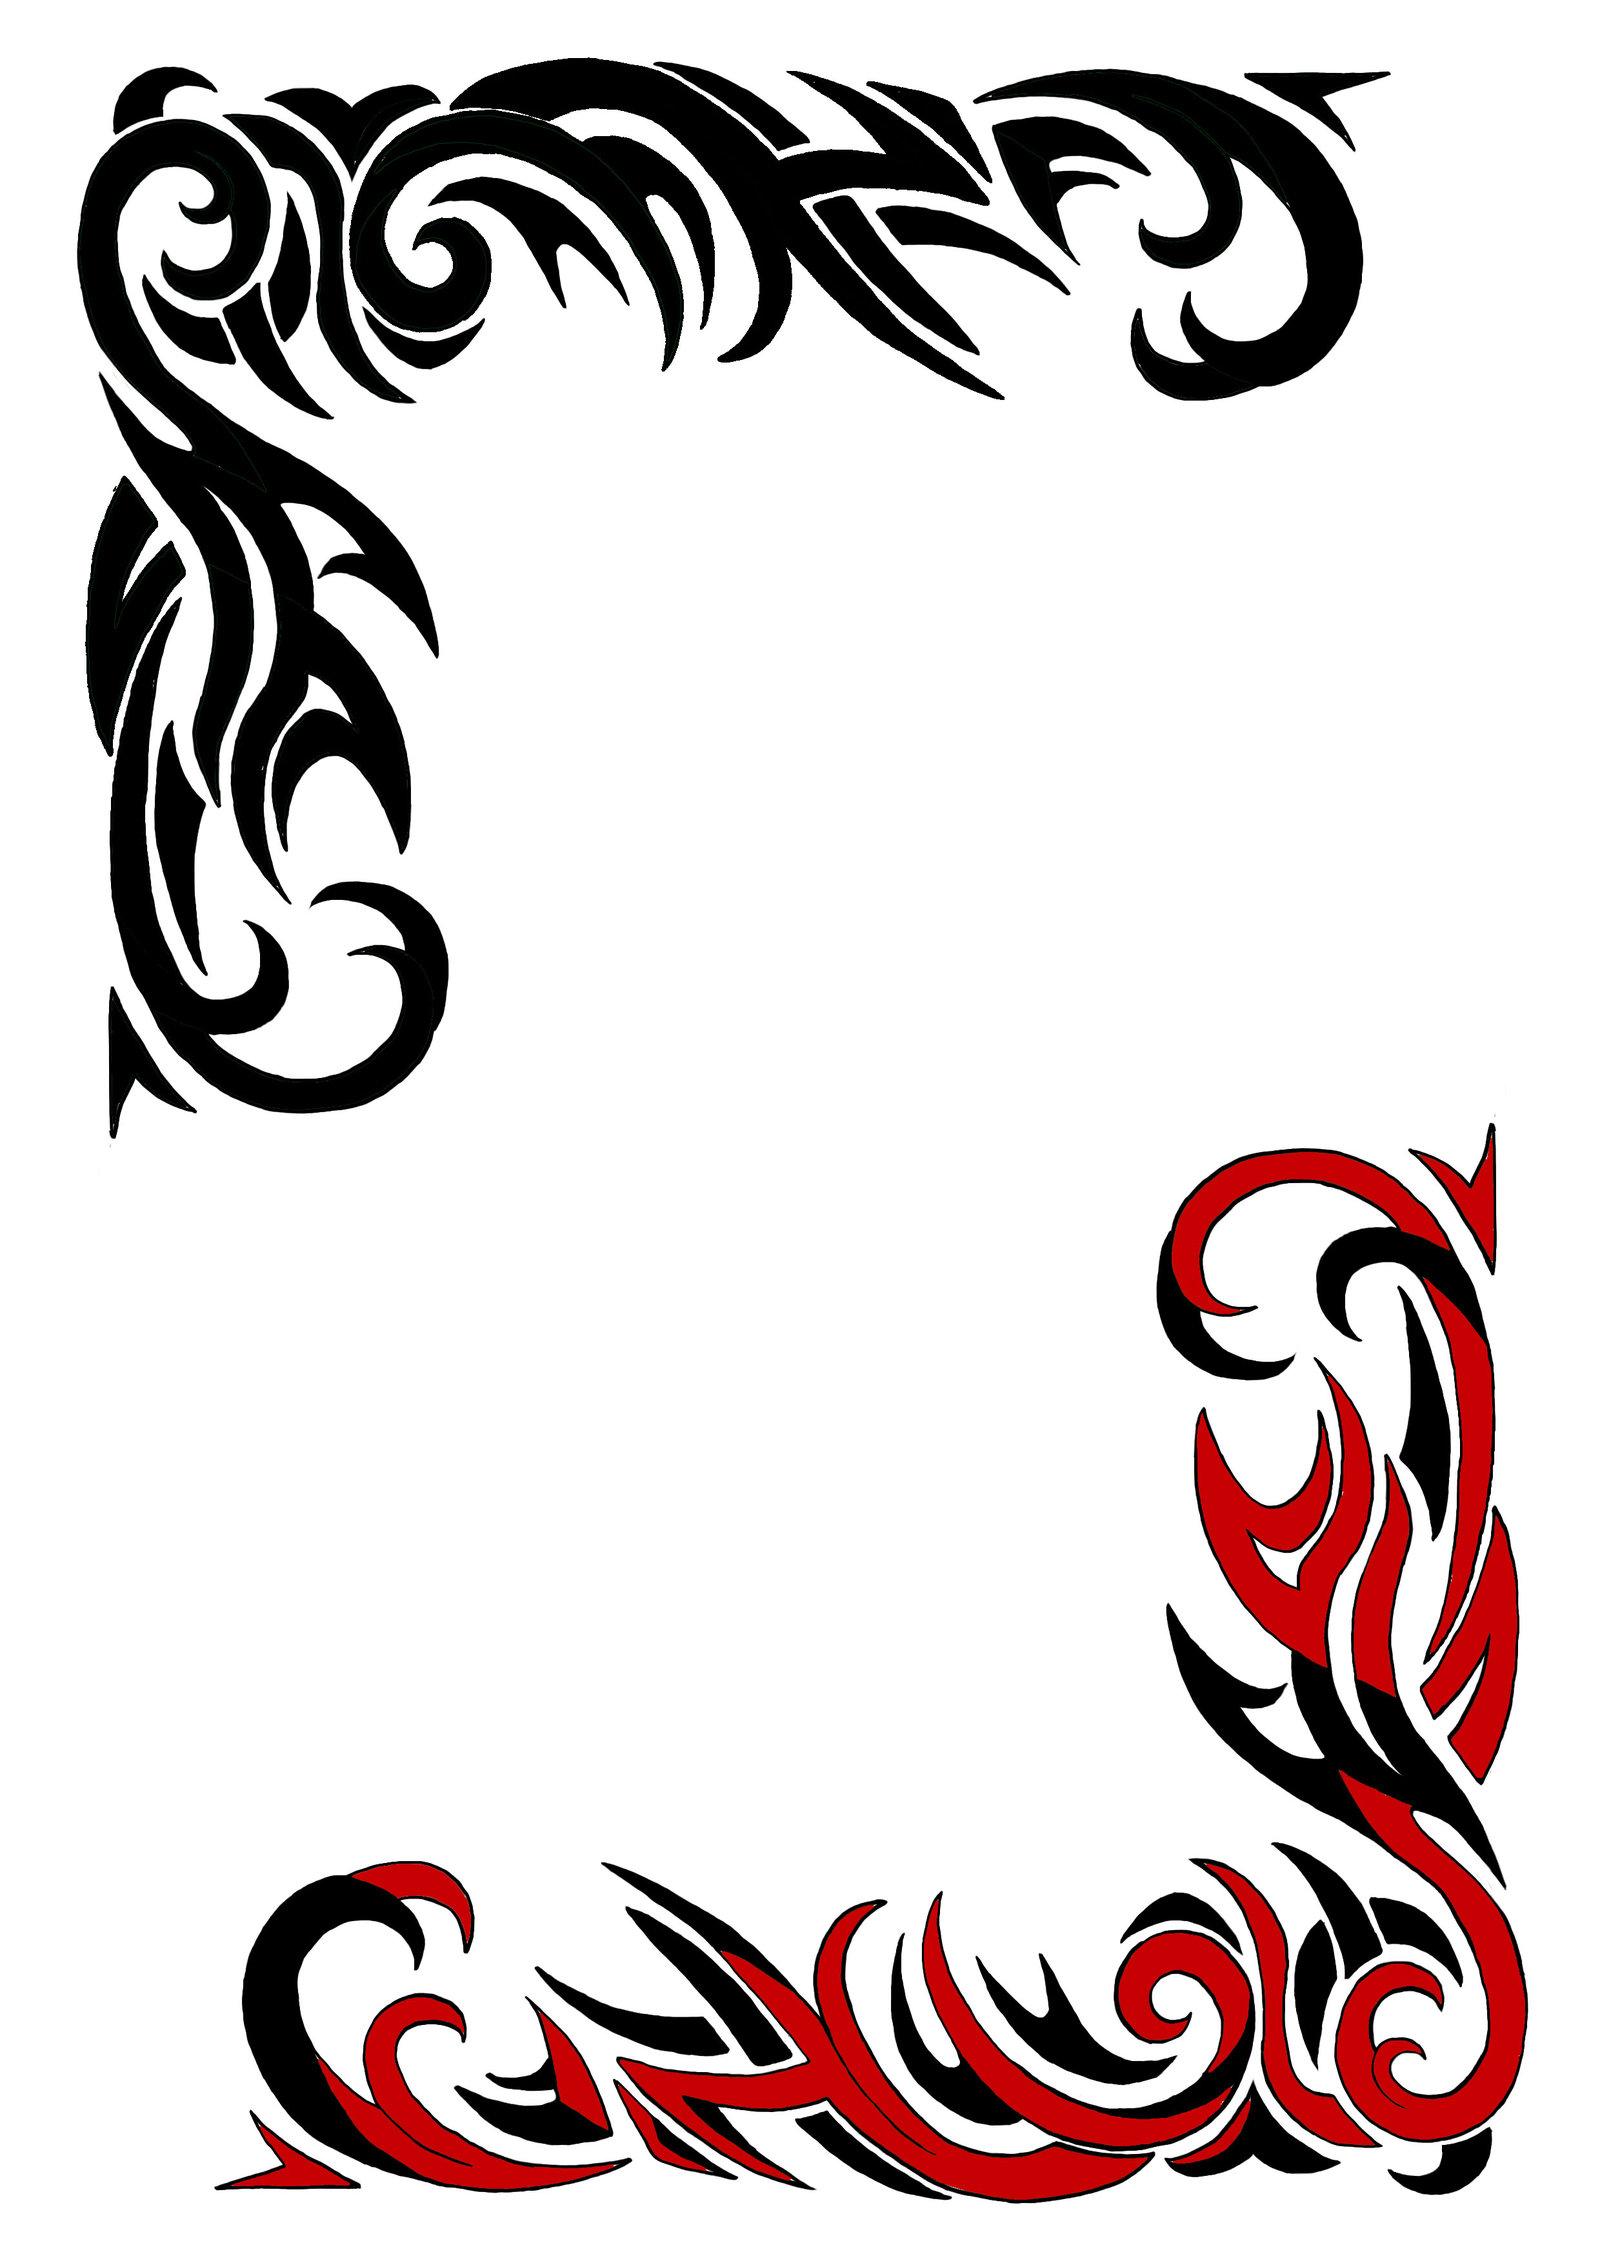 Tattoo Border Designs - Cliparts.co